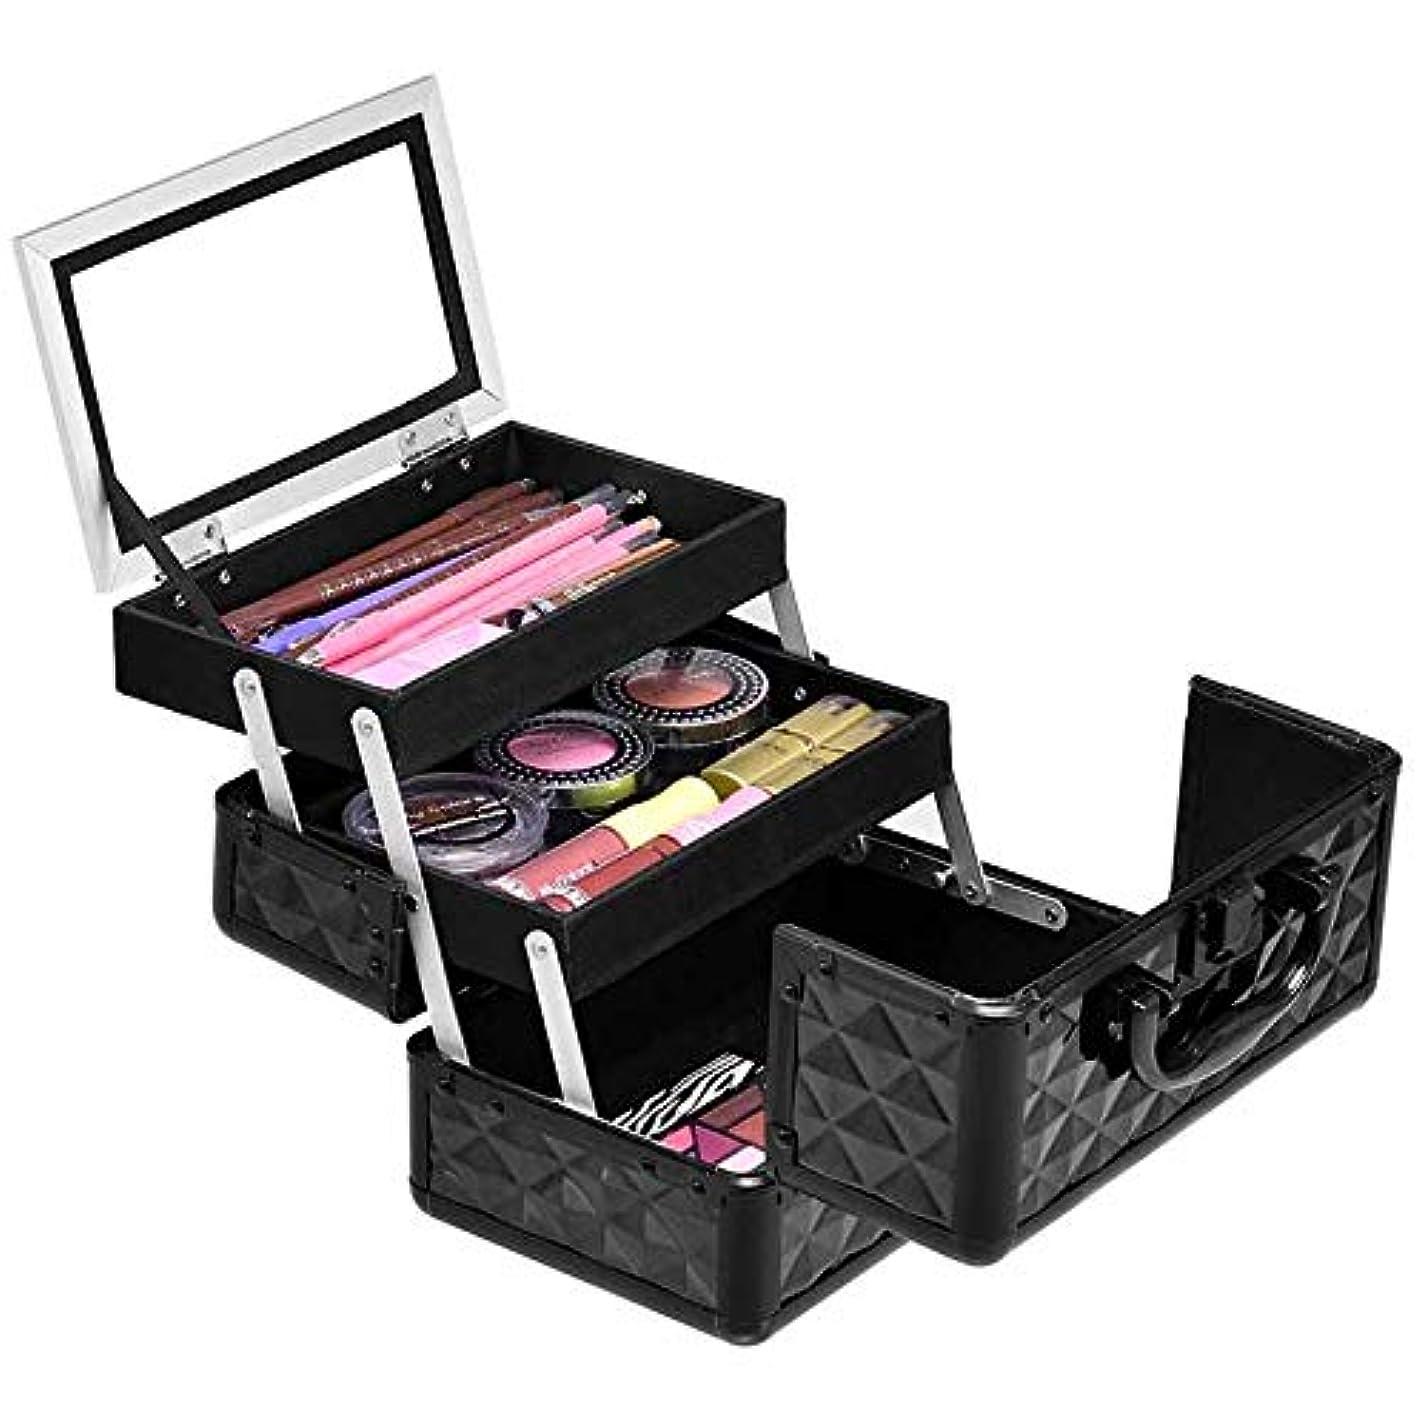 風刺容疑者完全に乾くCostway コスメボックス メイクボックス 鏡付き 大容量 持ち運び 化粧品収納ボックス プロ用 化粧箱 コスメ収納ボックス ブラック